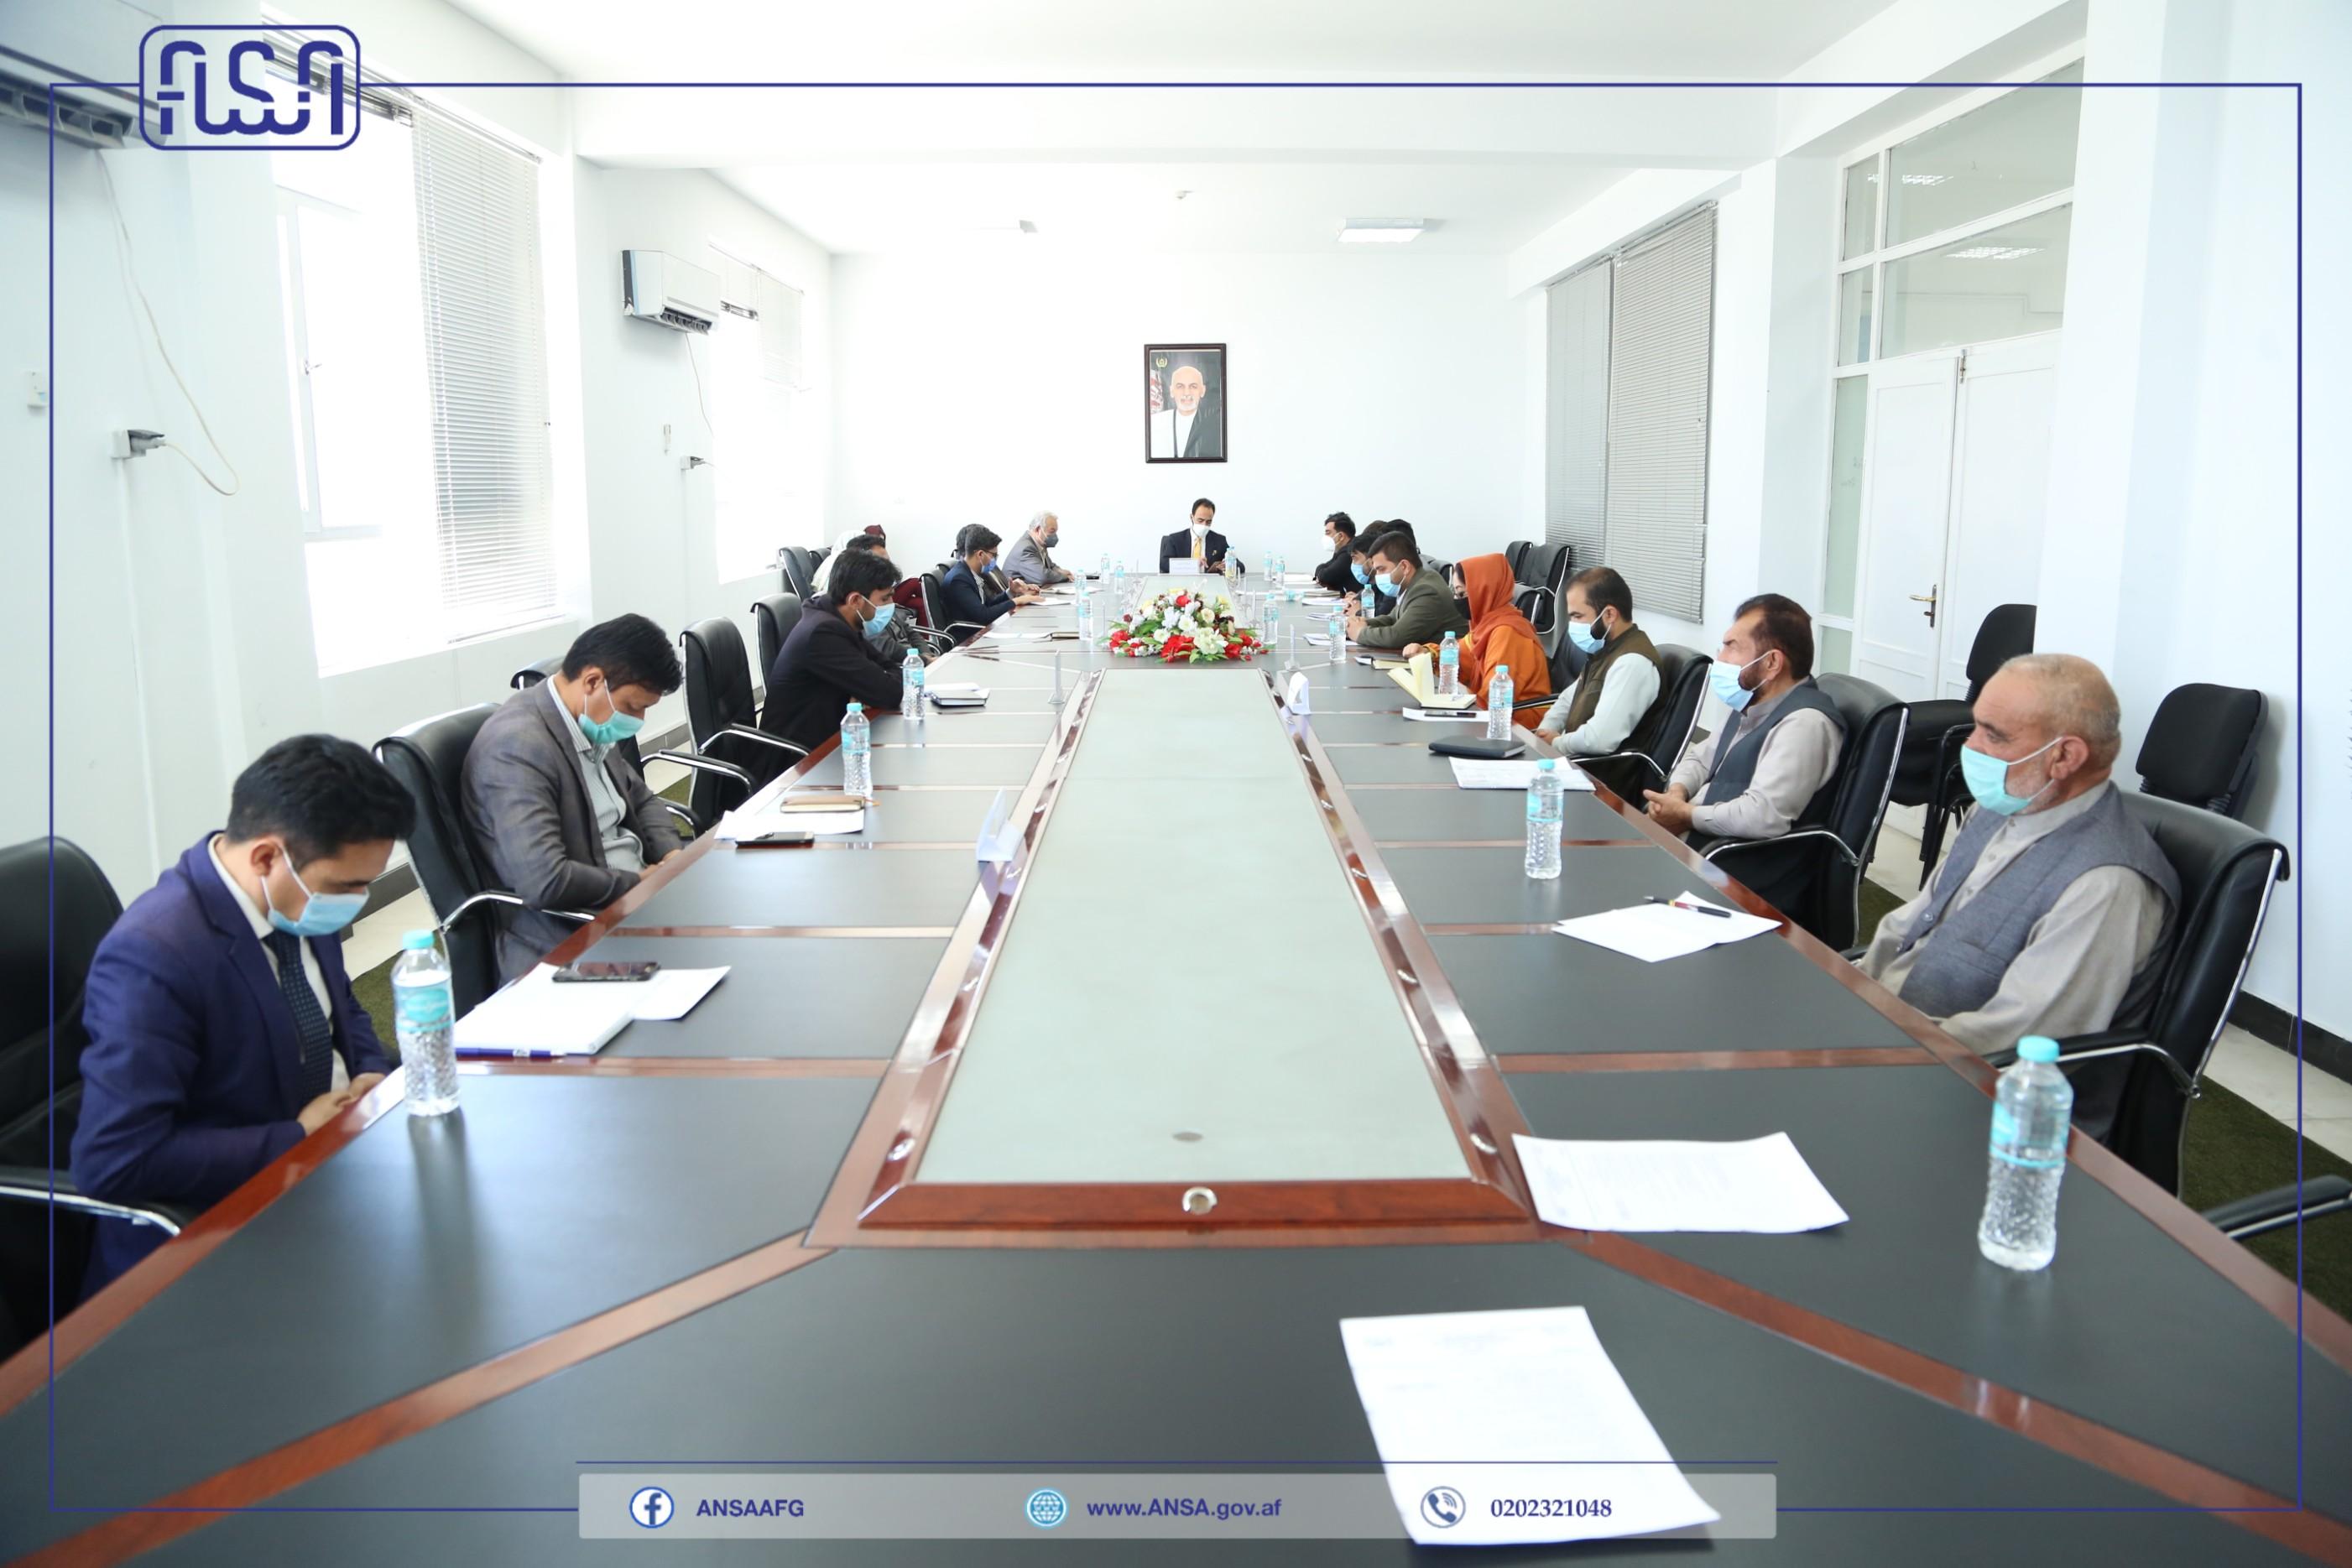 جلسه هئیت رهبری اداره ملی ستندرد تدویر یافت.